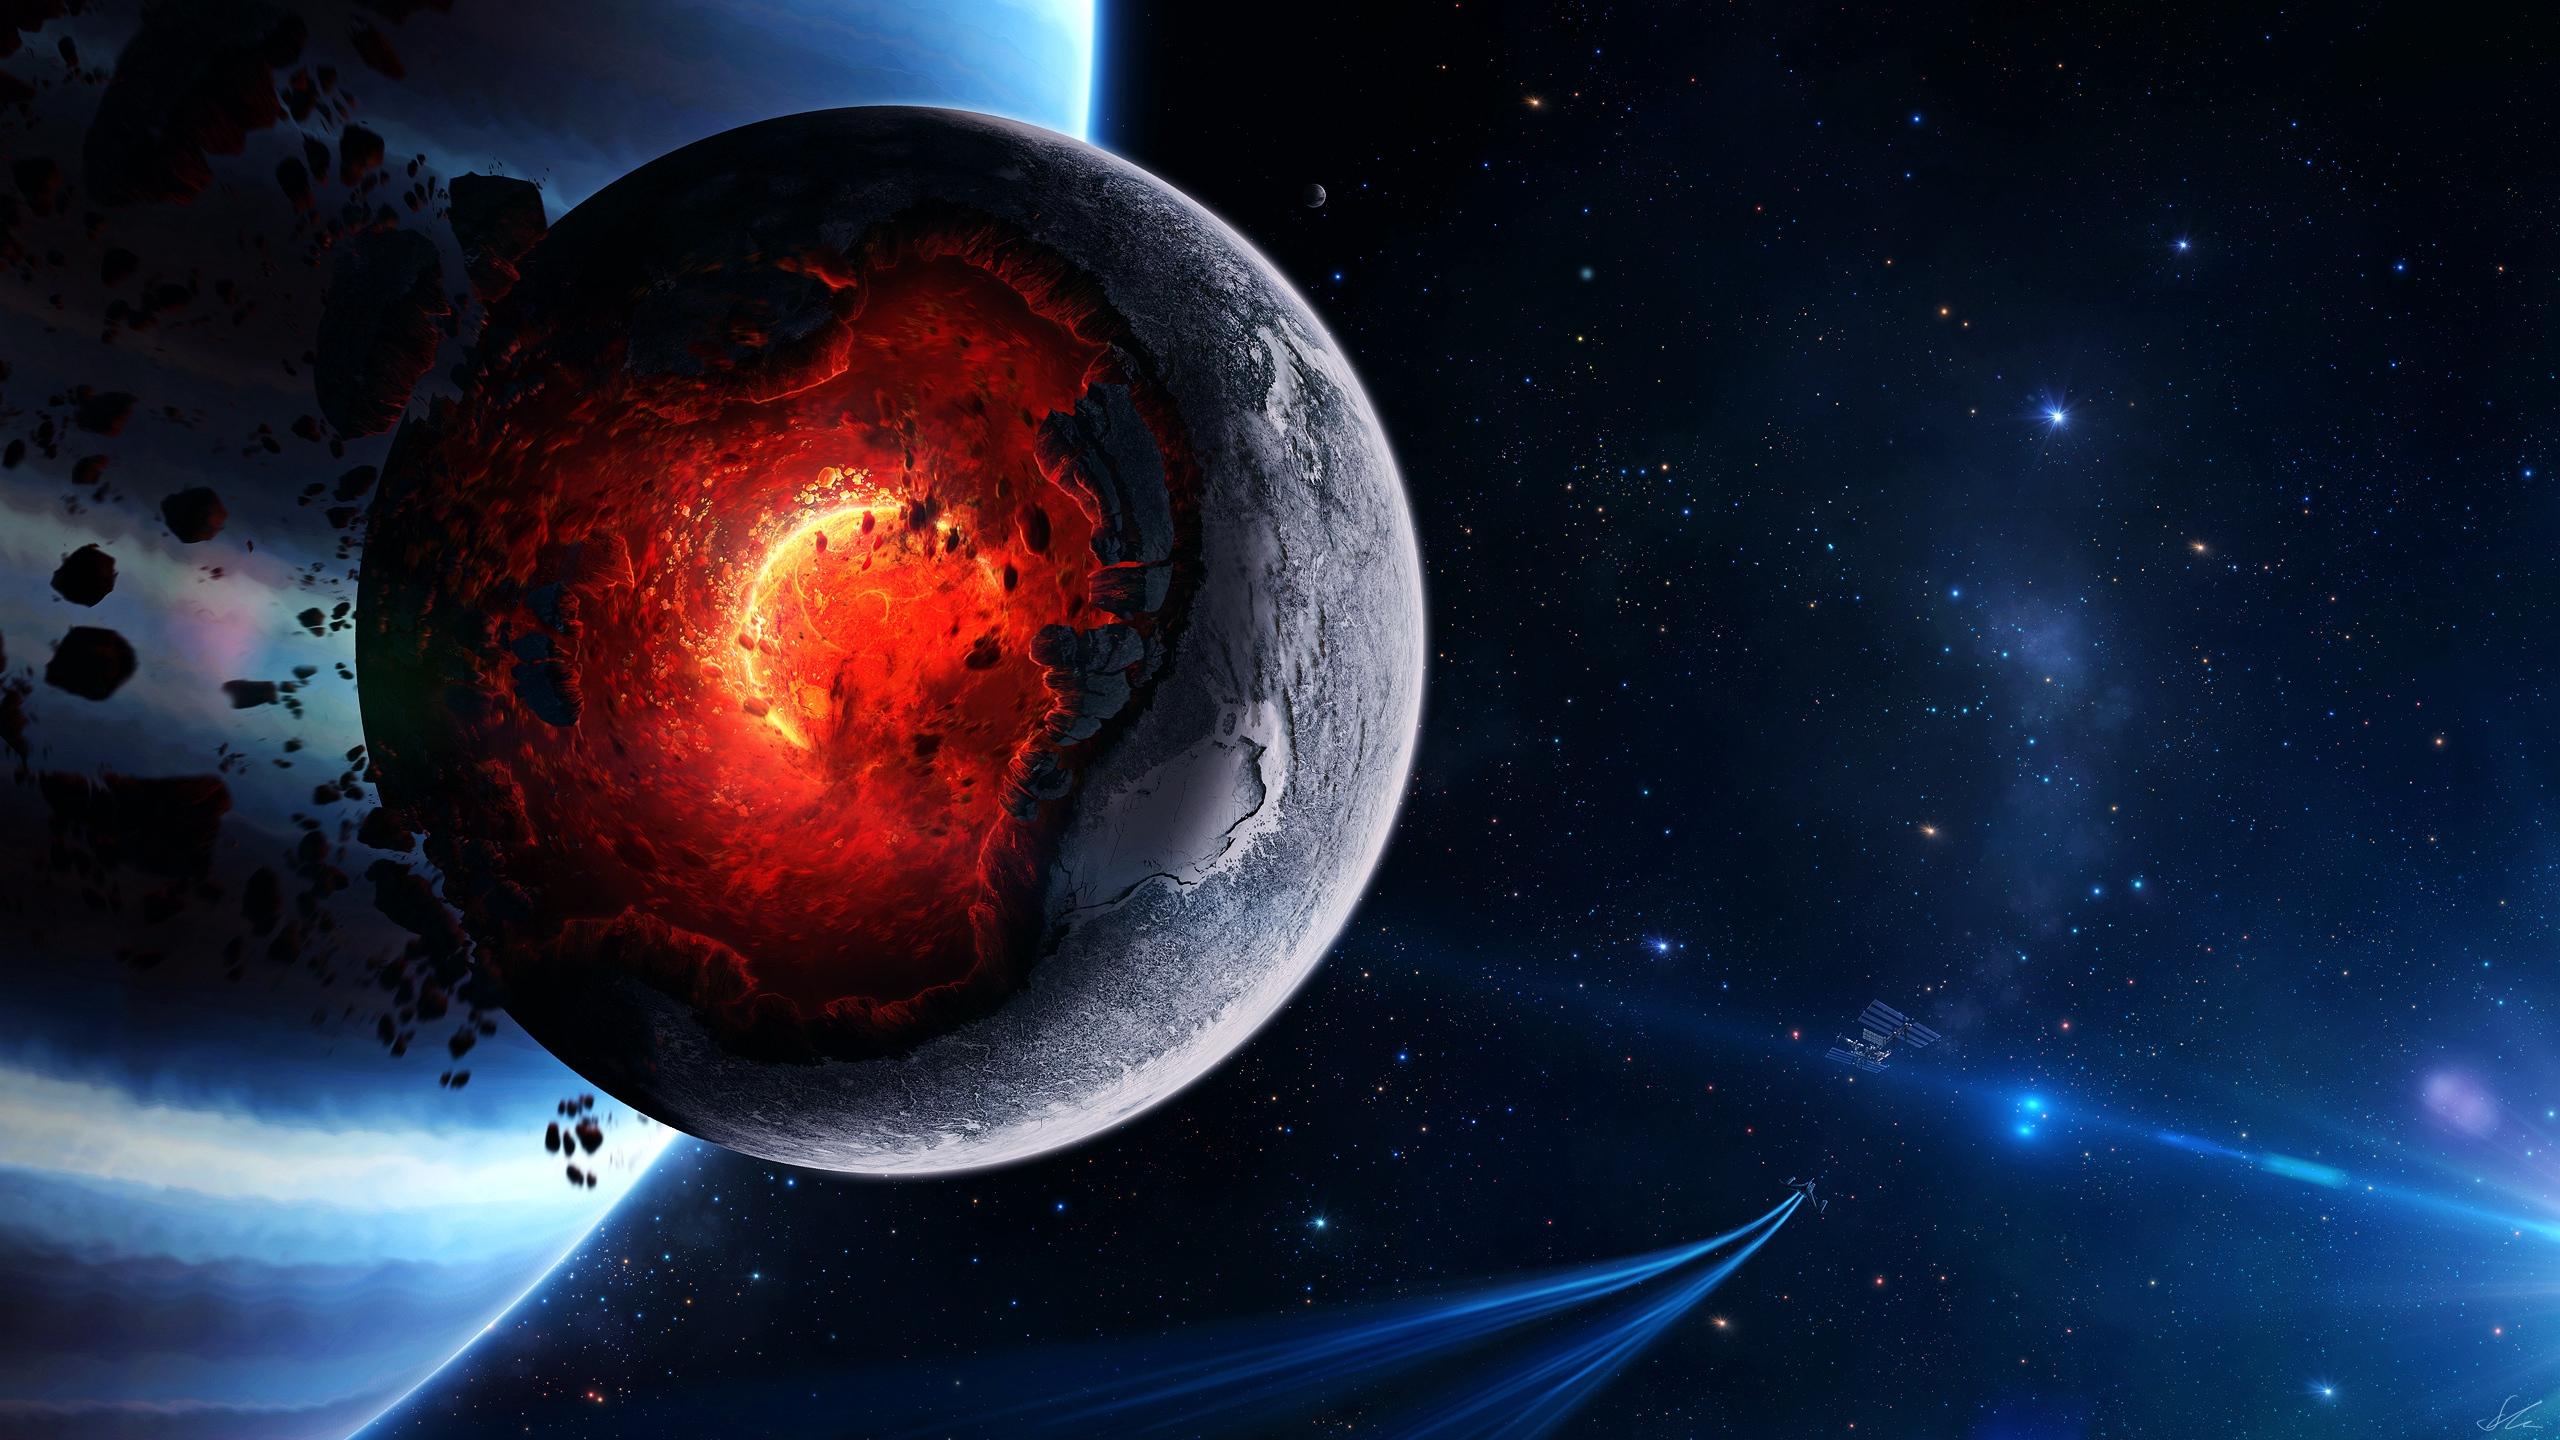 HDoboi.Kiev.ua - Планета, галактика, обои айфон 5s космос, space, hd заставки